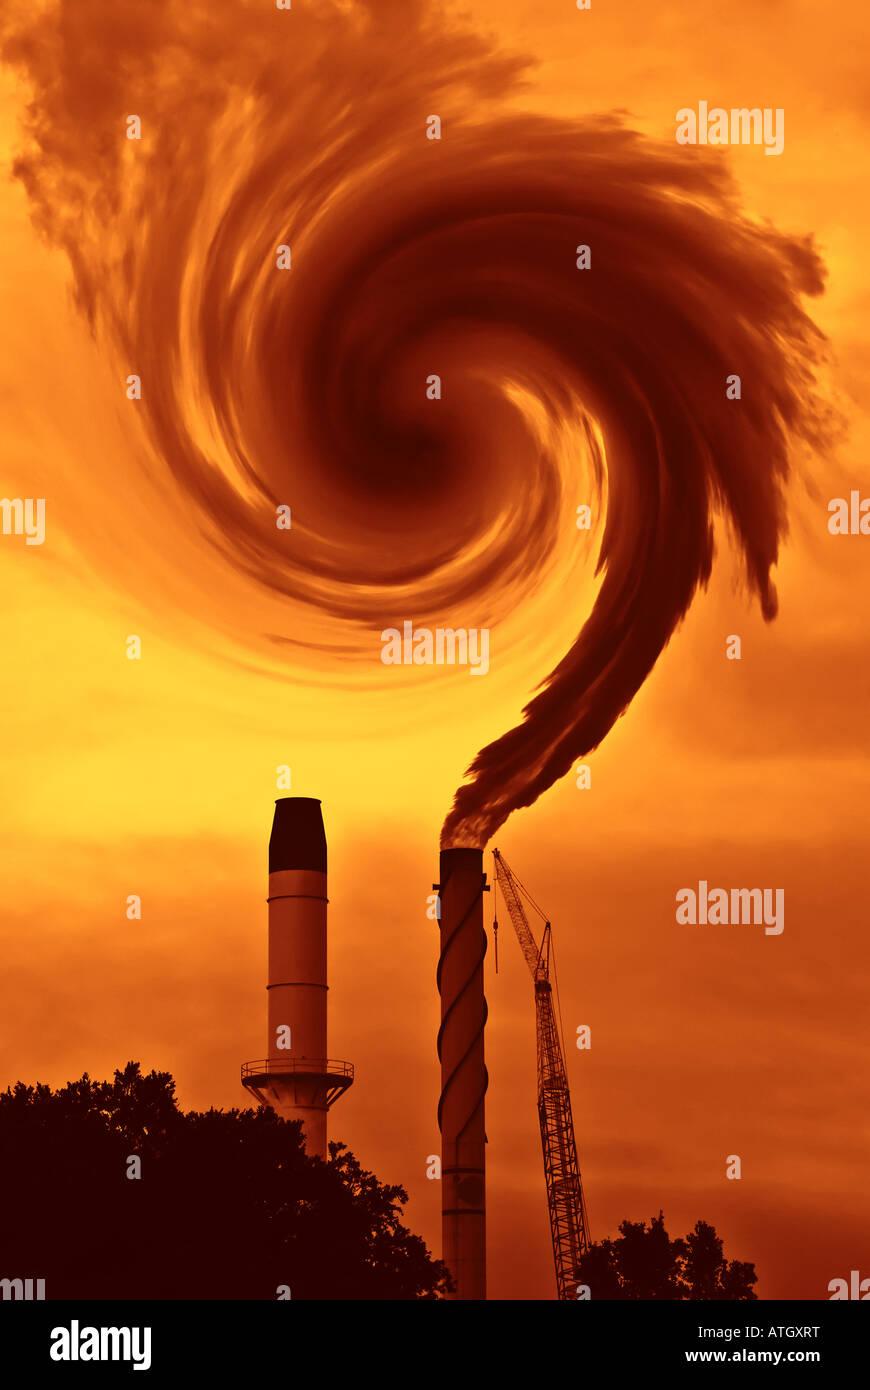 die Frage nach der globalen Erwärmung oder Klima Wandels mit dem Rauch von Fabrik in Burnt sienna Stockbild